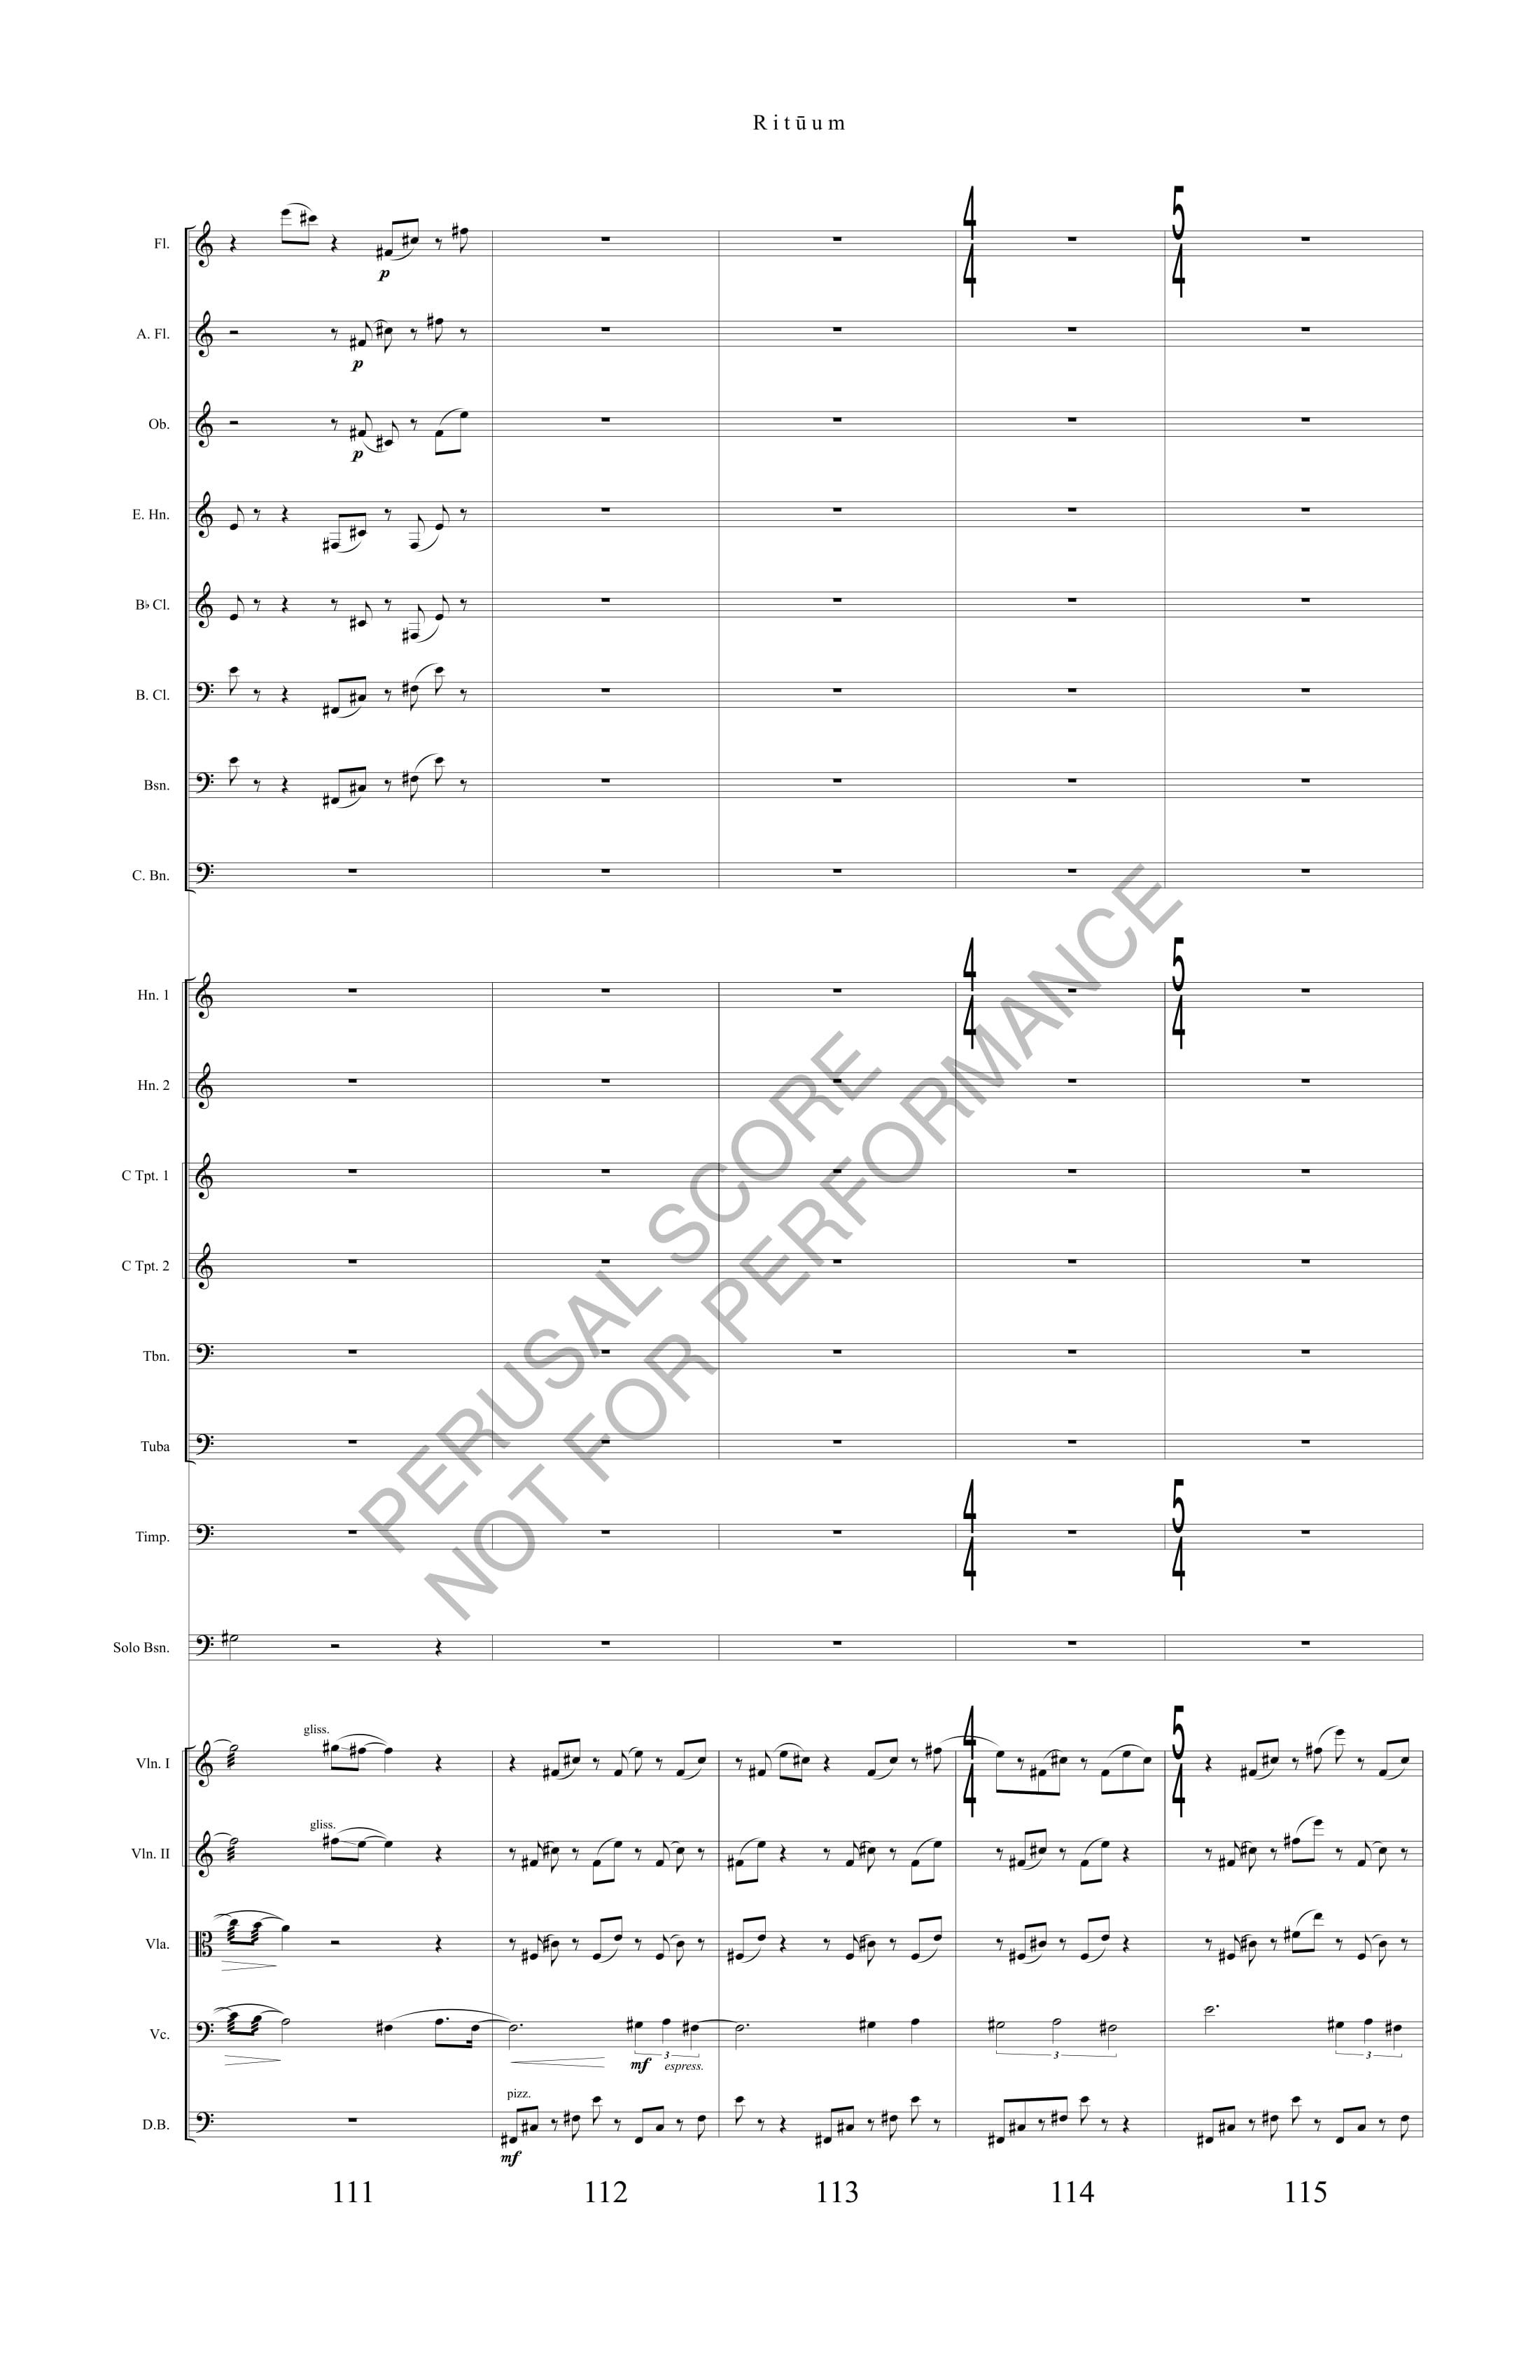 Boyd Rituum Score-watermark (1)-29.jpg